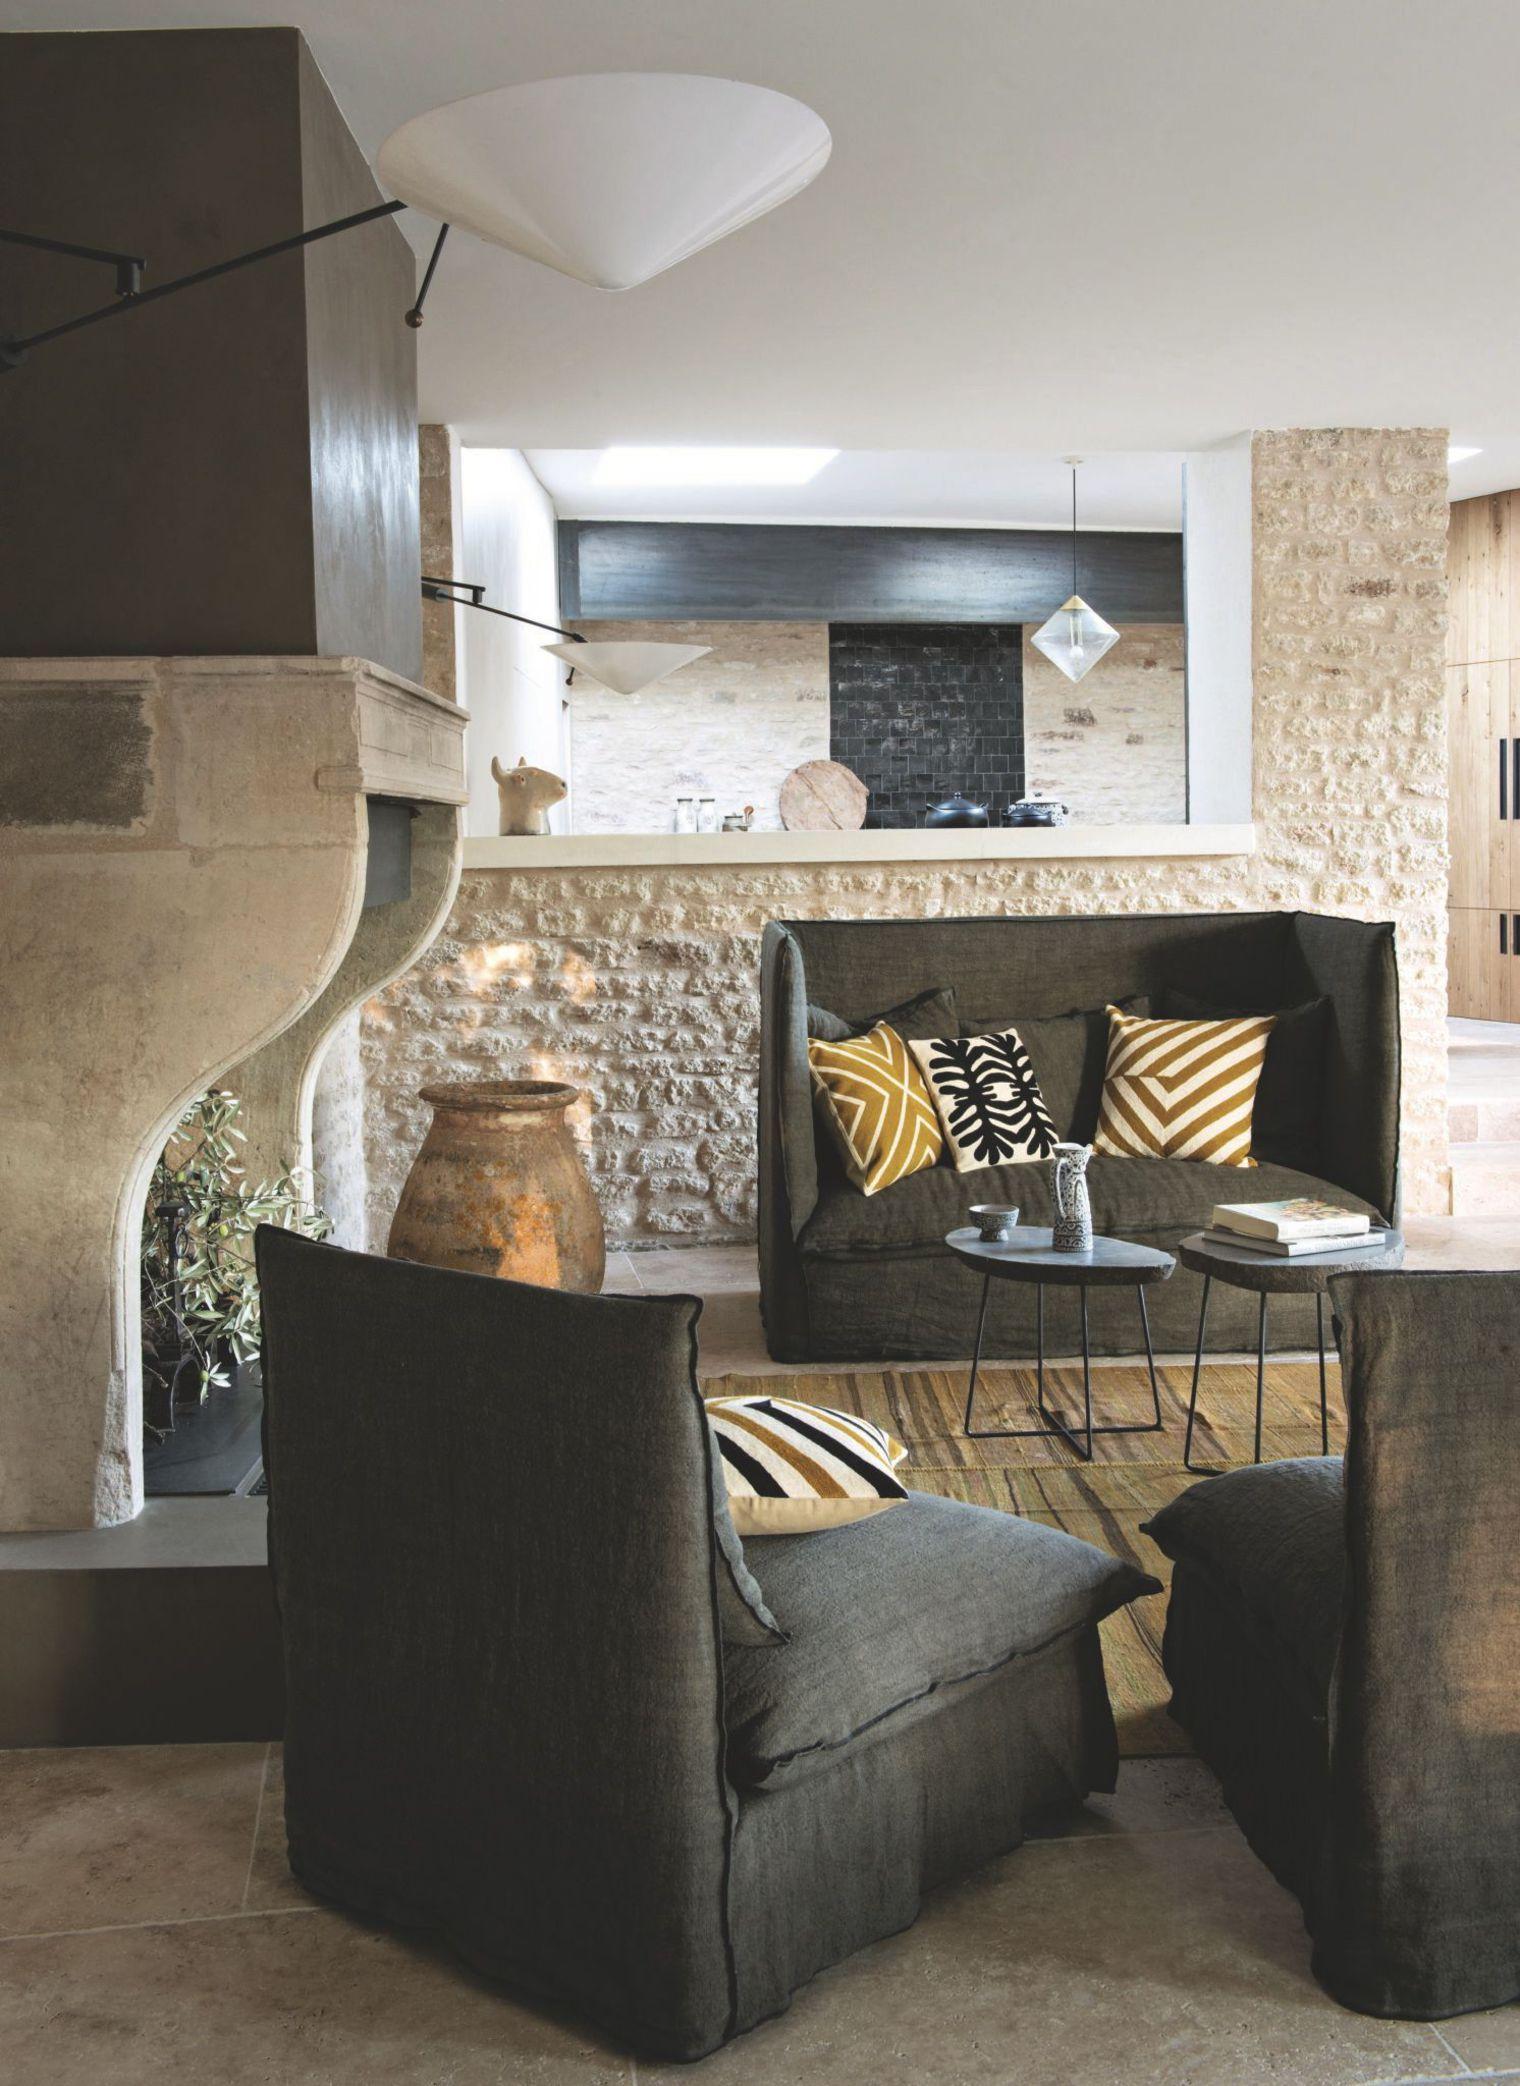 R novation maison familiale une maison de vacances la campagne marie laure helmkampf - Maison de campagne familiale darryl design ...